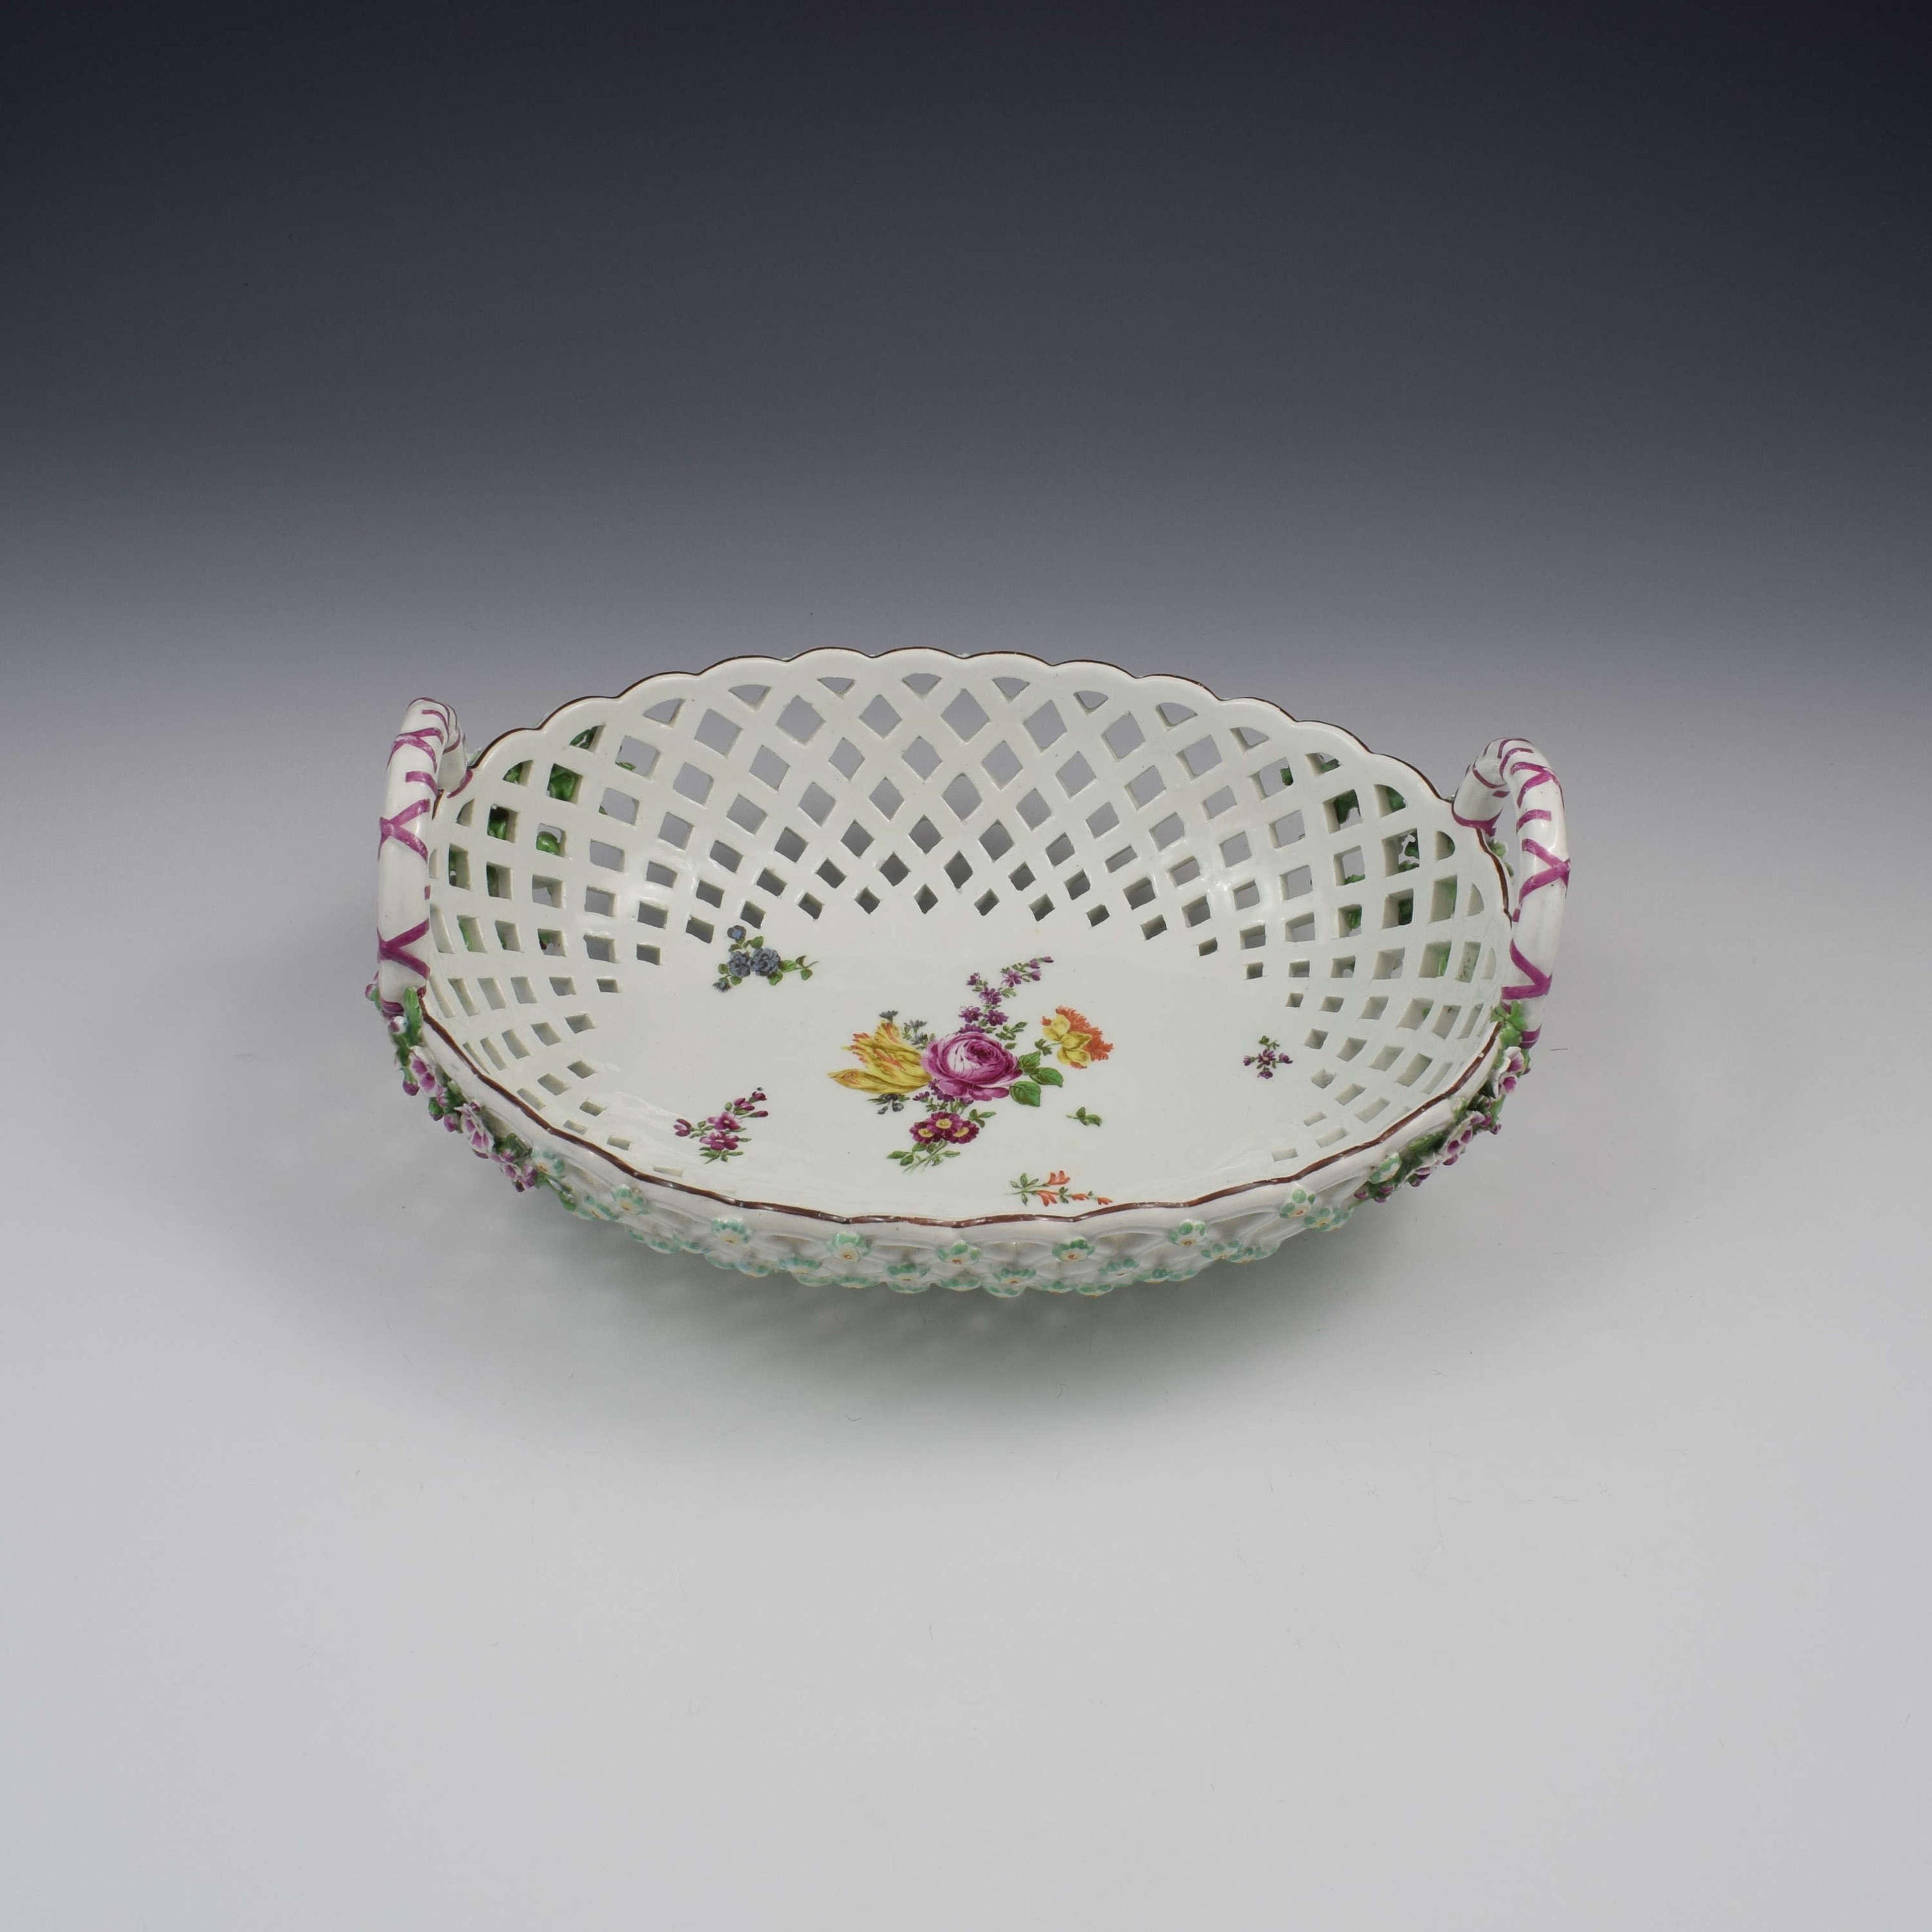 Fine Large Chelsea Red Anchor Porcelain Basket c.1750-1758